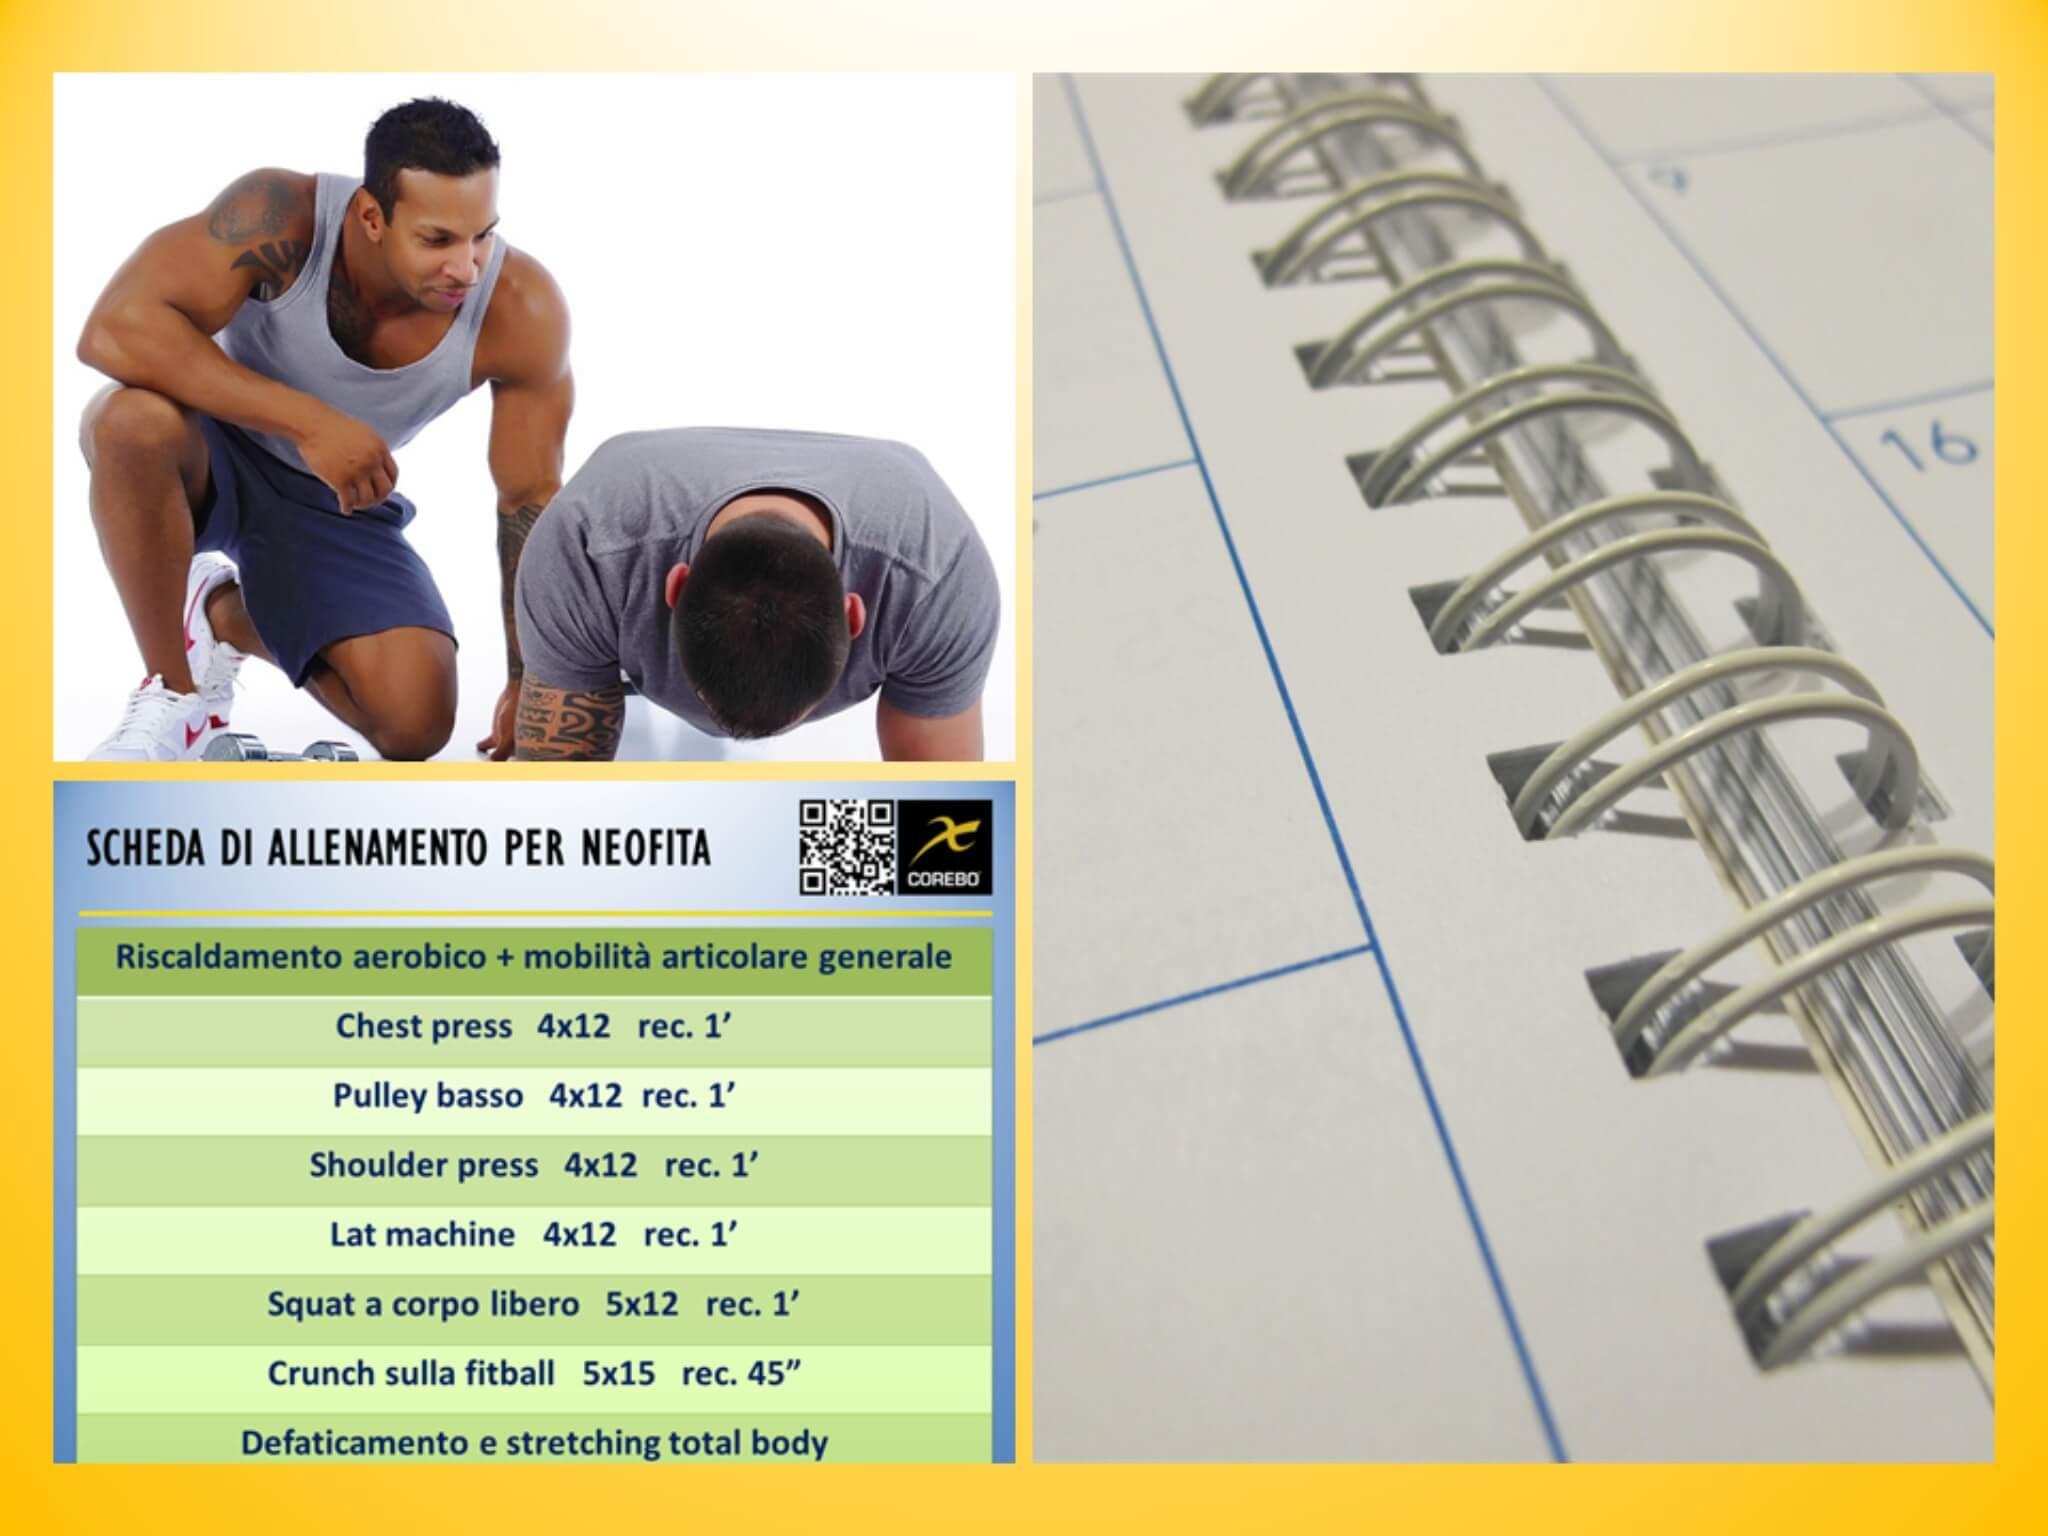 scheda di allenamento per neofiti